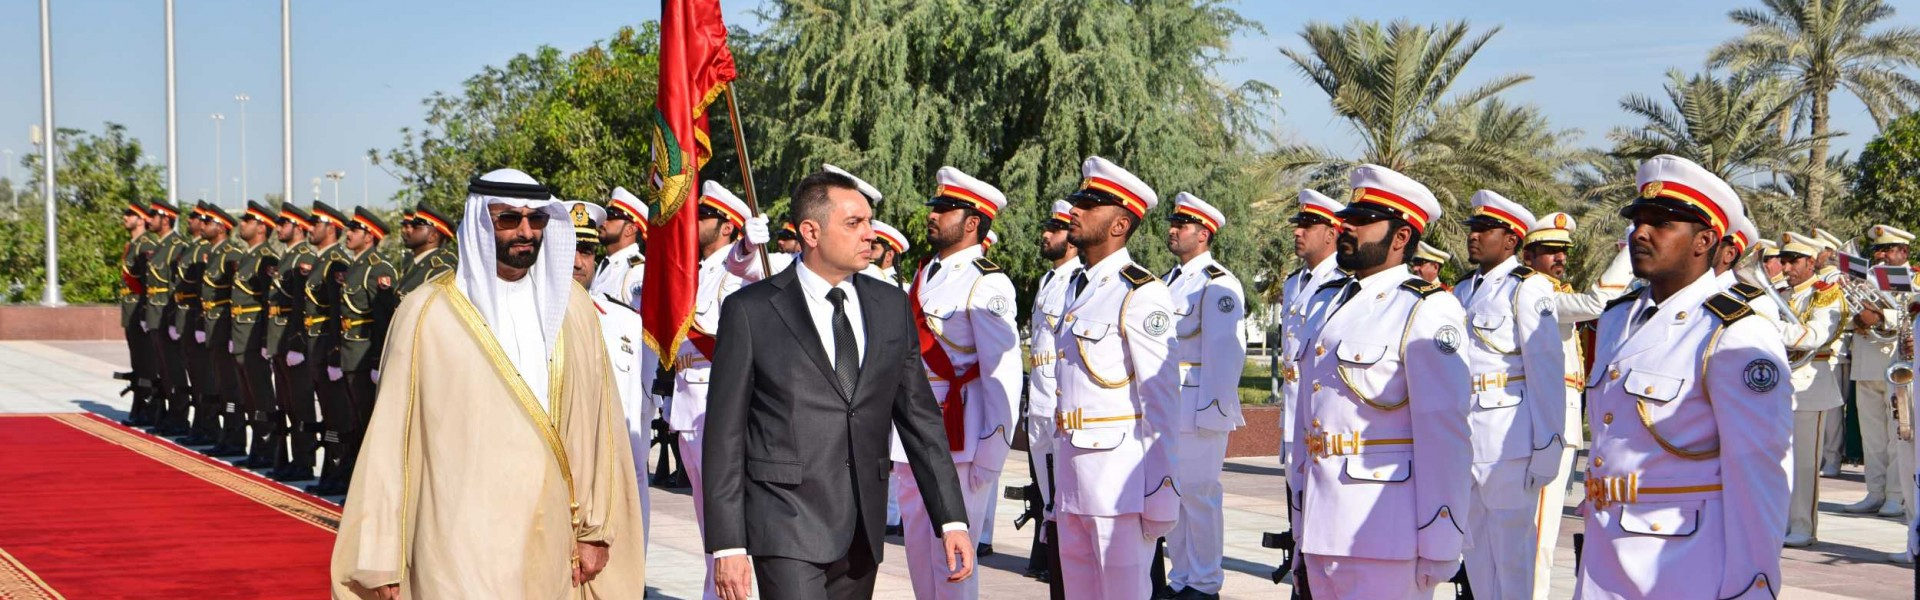 Континуирано јачање сарадње са Уједињеним Арапским Емиратима